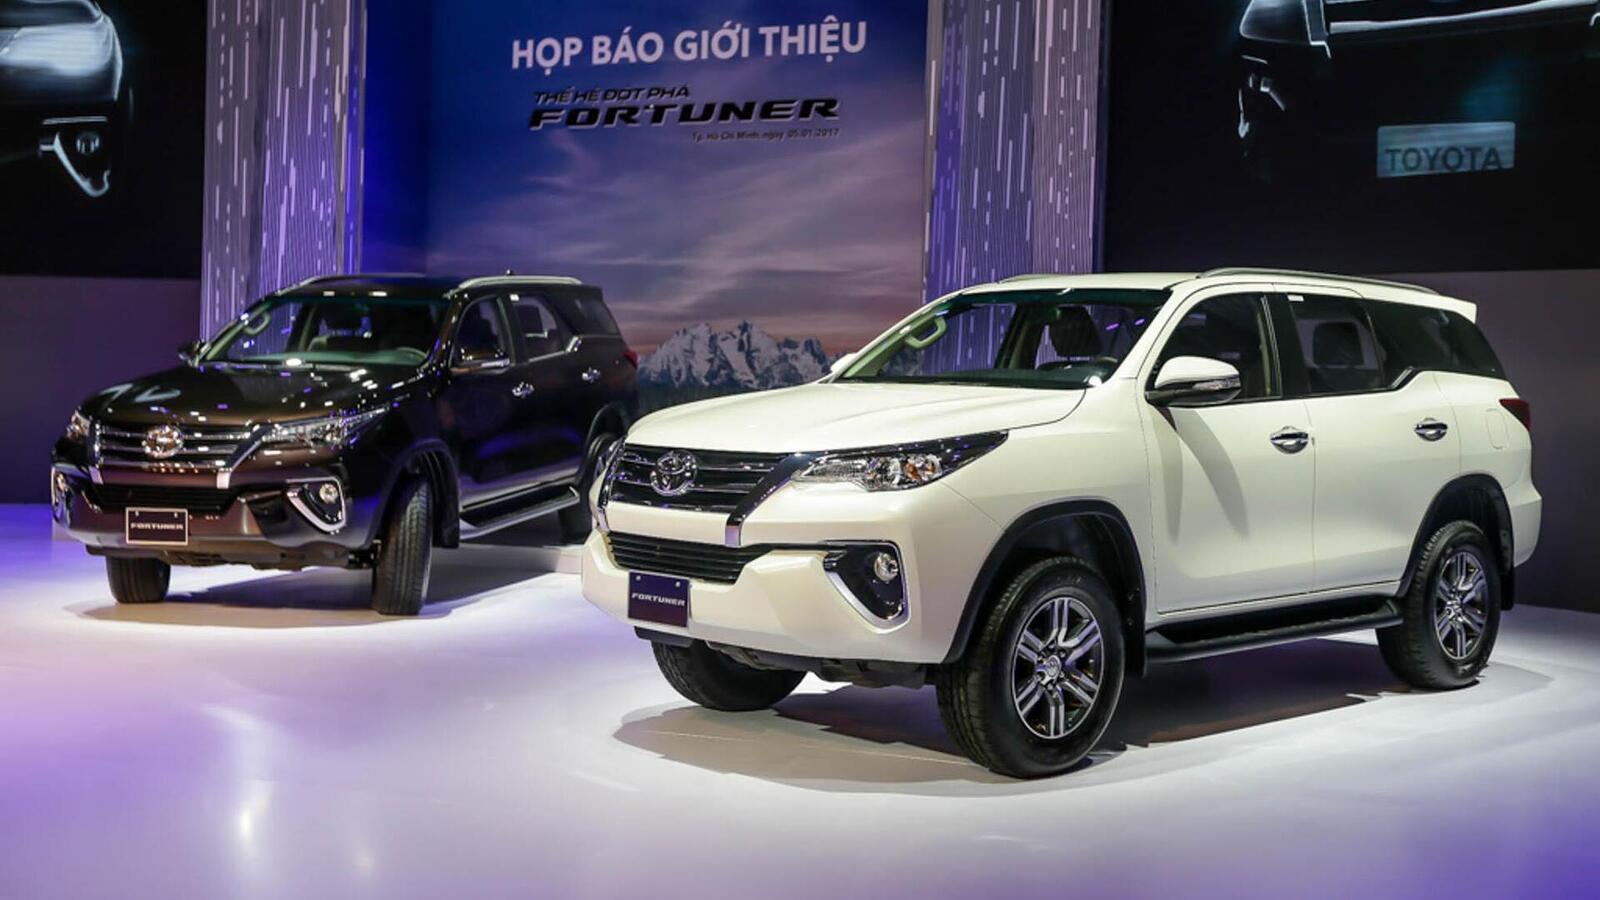 Toyota Fortuner được đồn đoán sẽ quay lại lắp ráp trong nước: Trở lại để thống lĩnh phân khúc - Hình 1